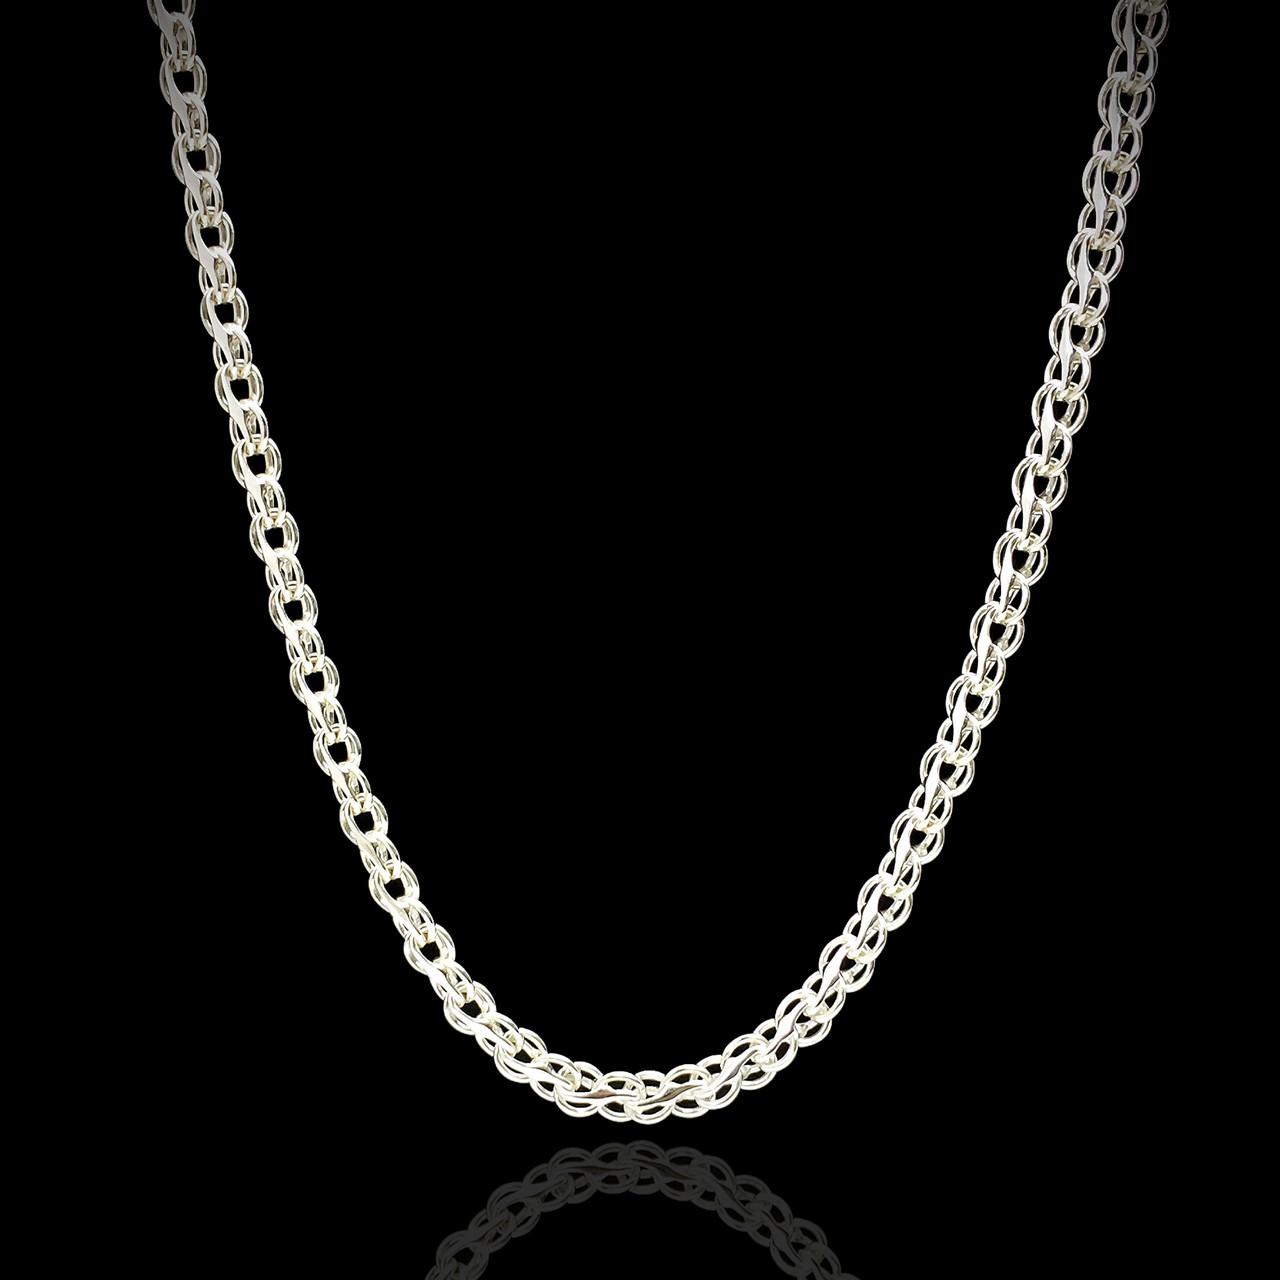 Срібна ланцюжок, 450мм, 7 грамів, плетіння Струмок